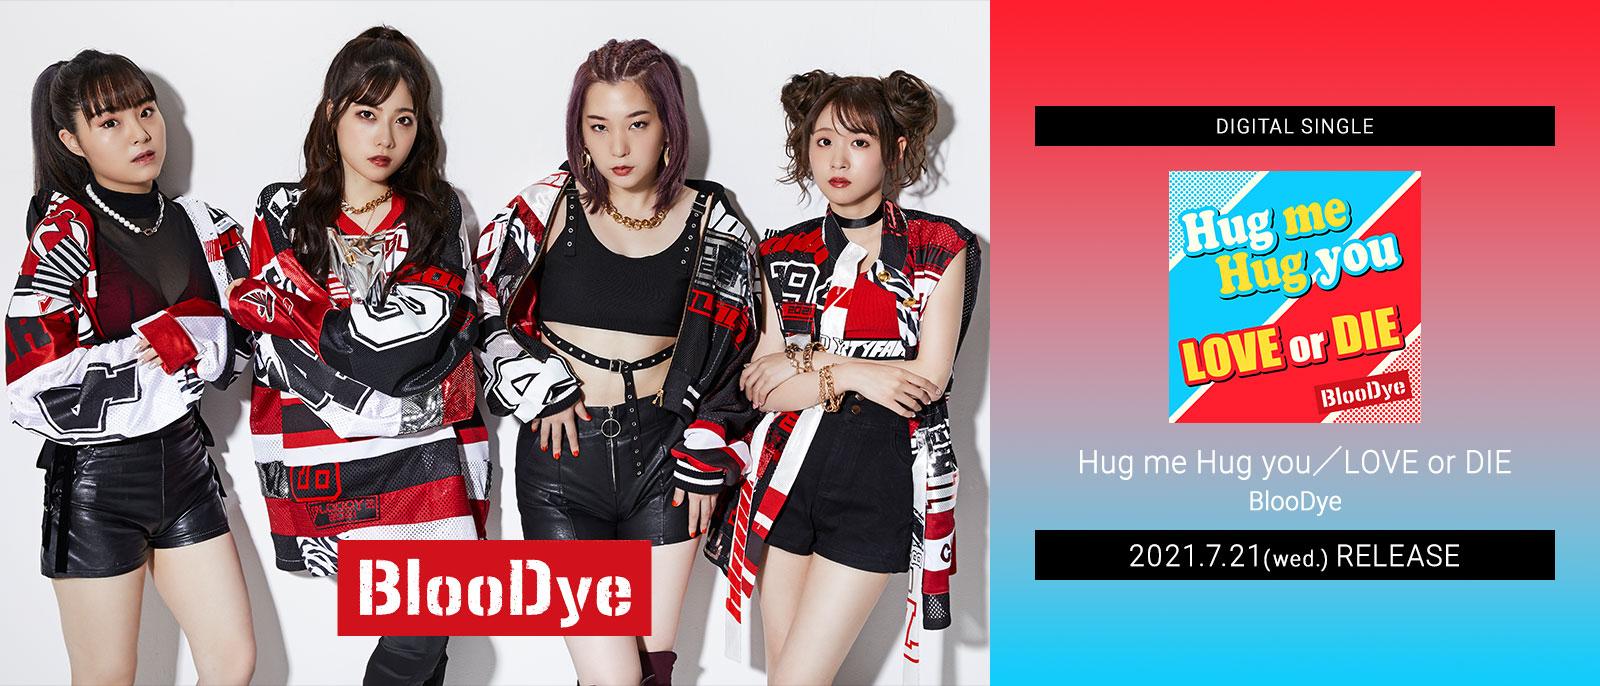 bloodye_hug-me-hug-you_love-or-die